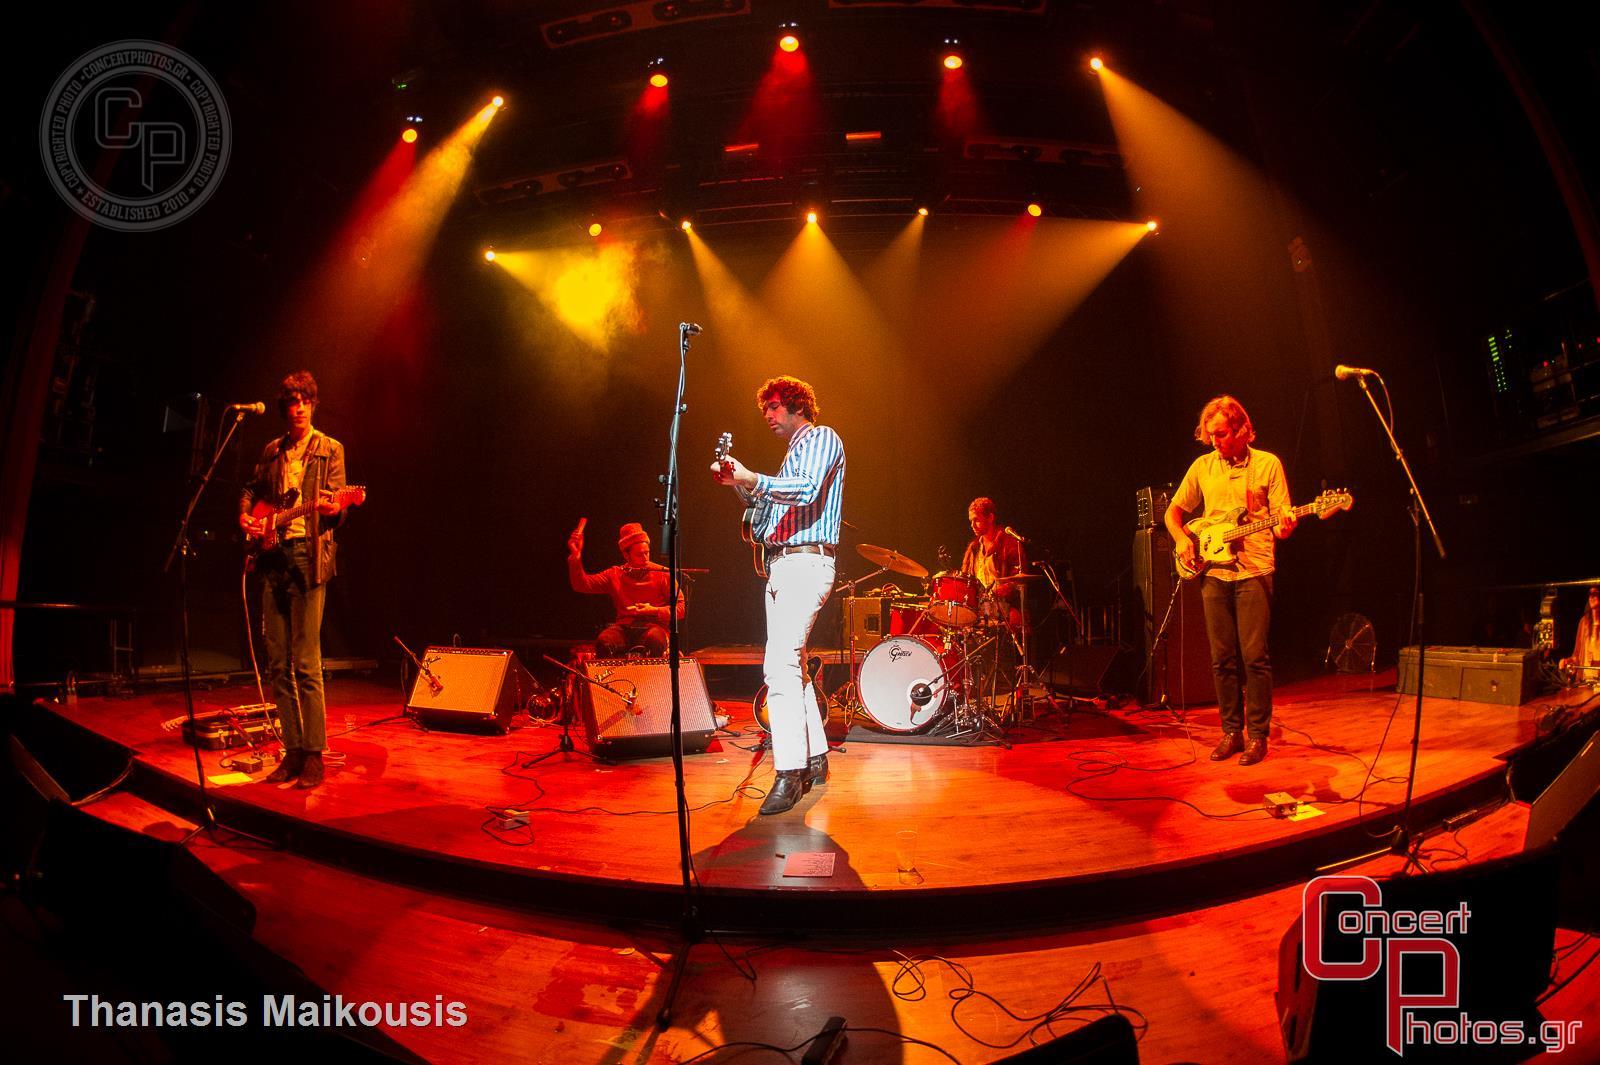 Allah Las & My Drunken Haze -Allah Las My Drunken Haze  photographer: Thanasis Maikousis - ConcertPhotos - 20141102_0022_39